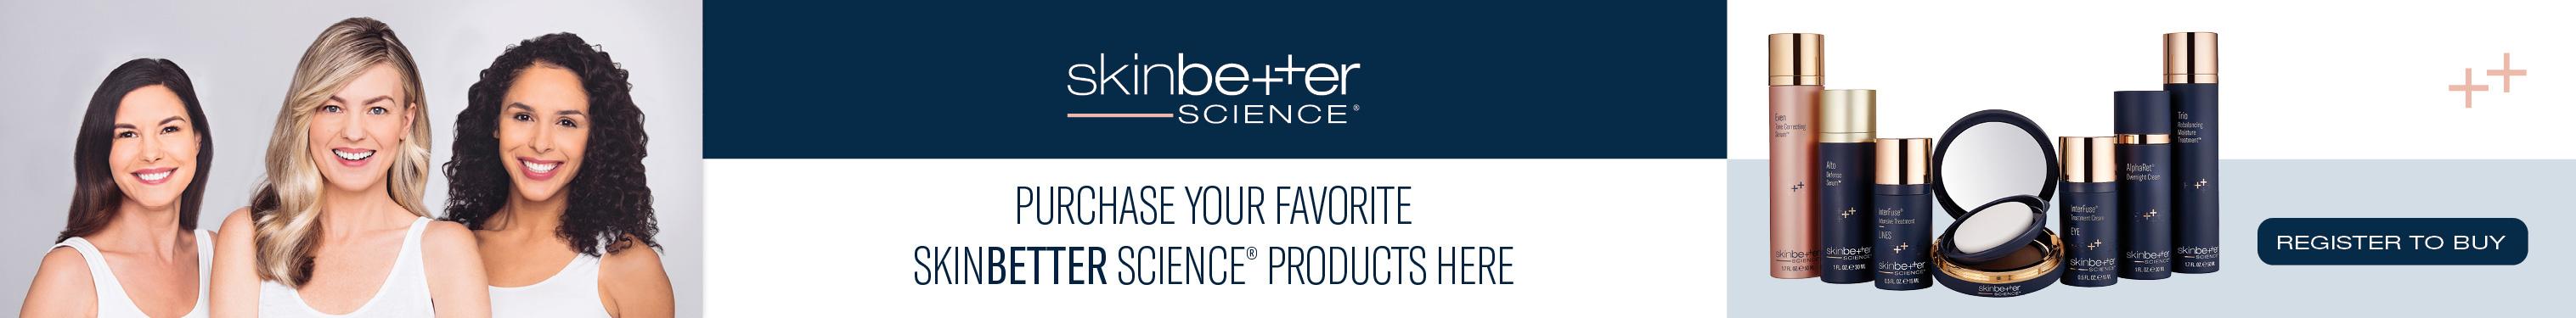 Skinbetter Banner